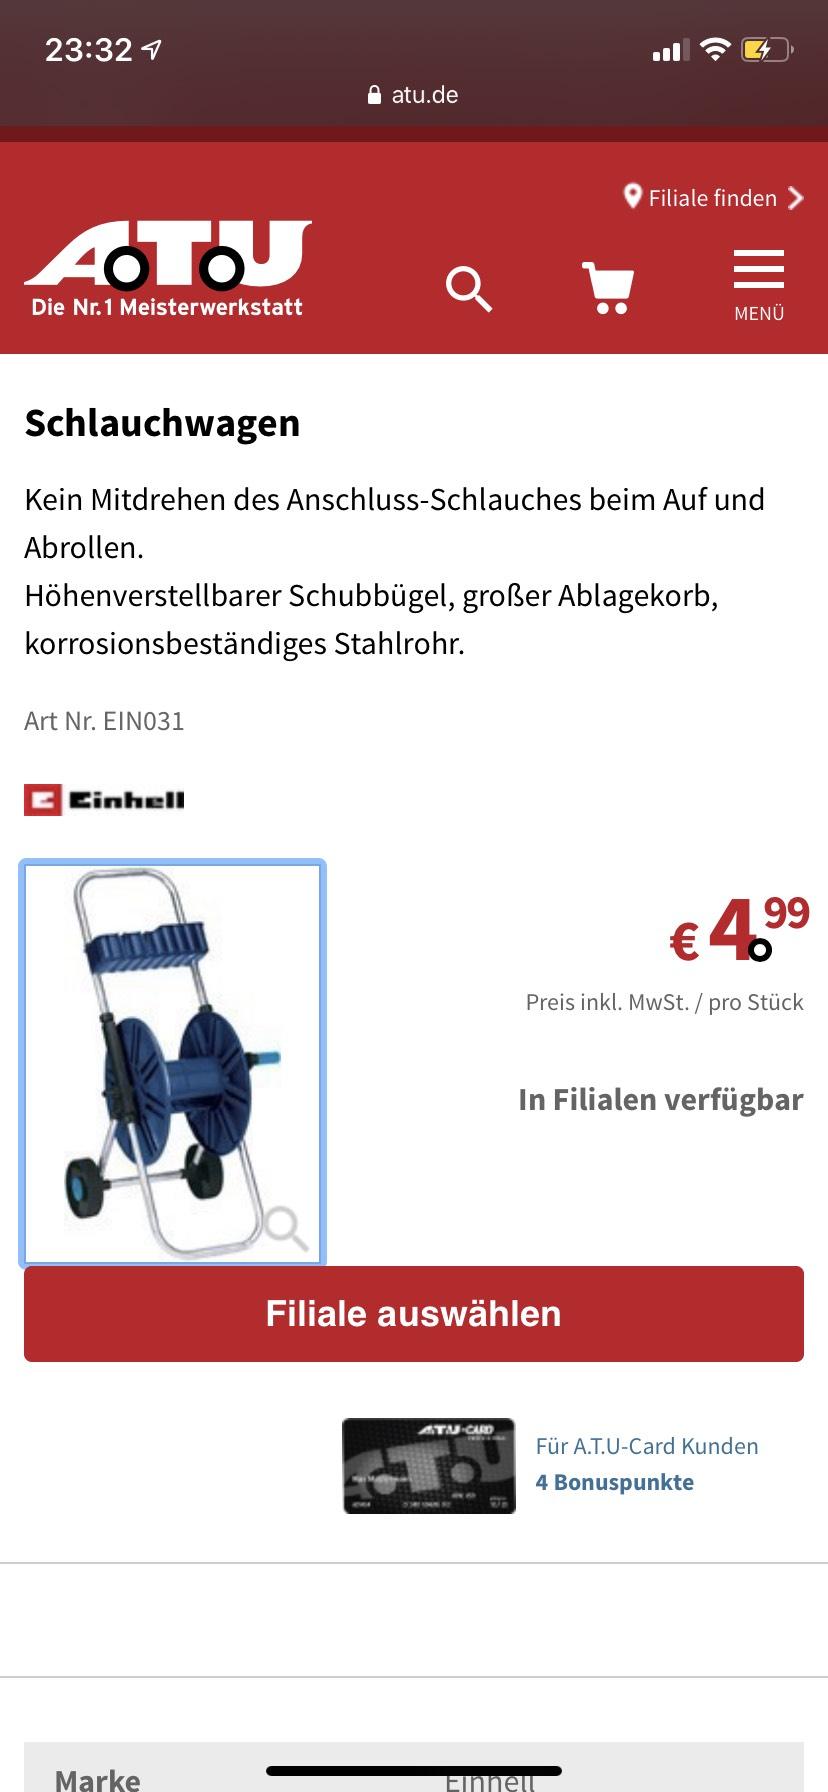 Einhell Schlauchwagen für 4,99€ bei ATU (Nur Abholung)